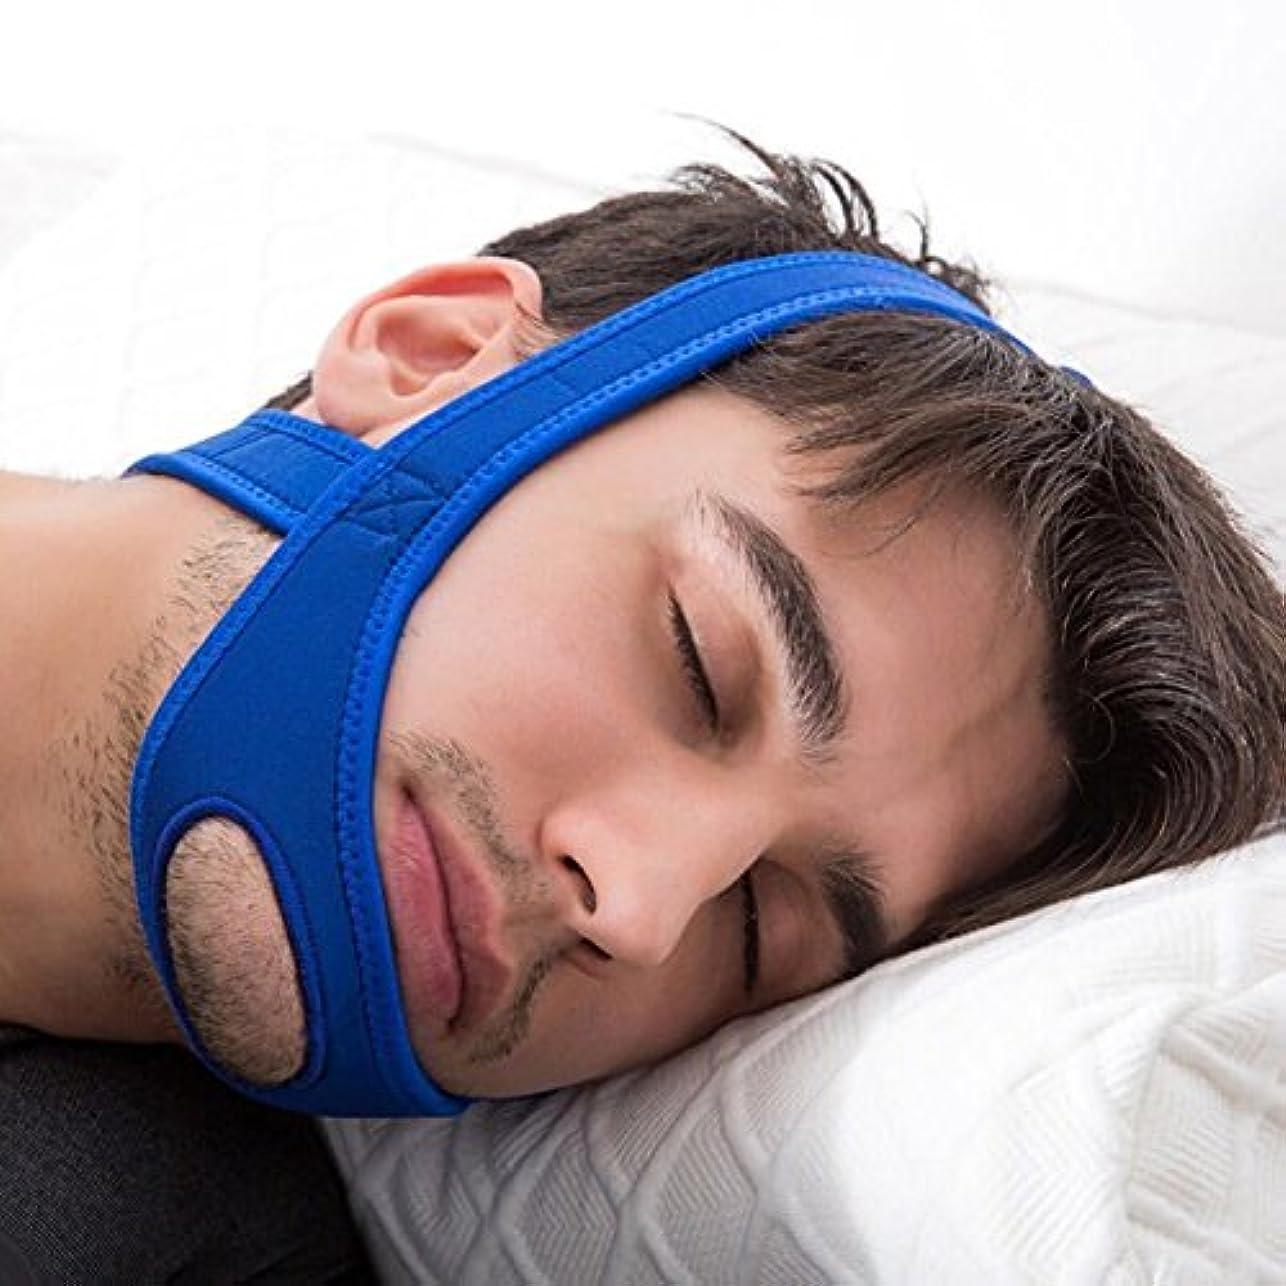 造船情熱的信条NOTE 新しいネオプレンいびき止め抗調節可能ないびきあごストラップスリーブジョーソリューションベルト睡眠ストレスを軽減(ブルー、ブラック)